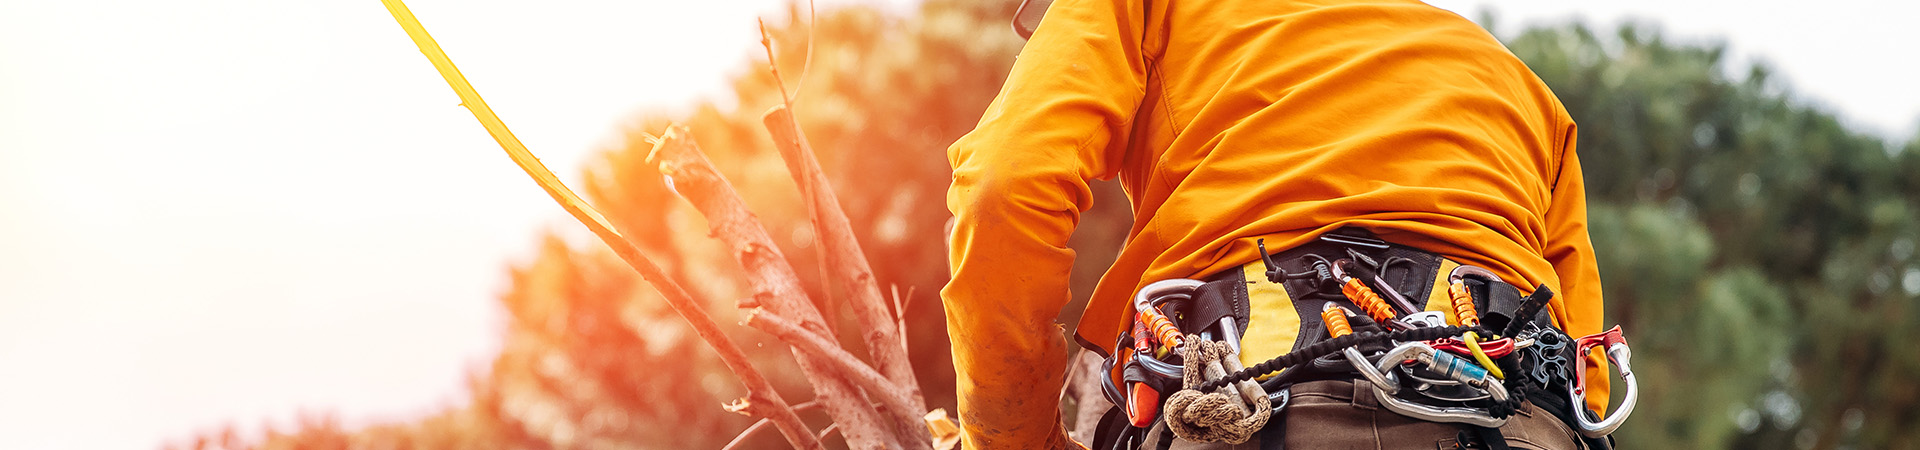 morgontid,en arborist beskär i en trädtopp, med säkerhets utrustning.